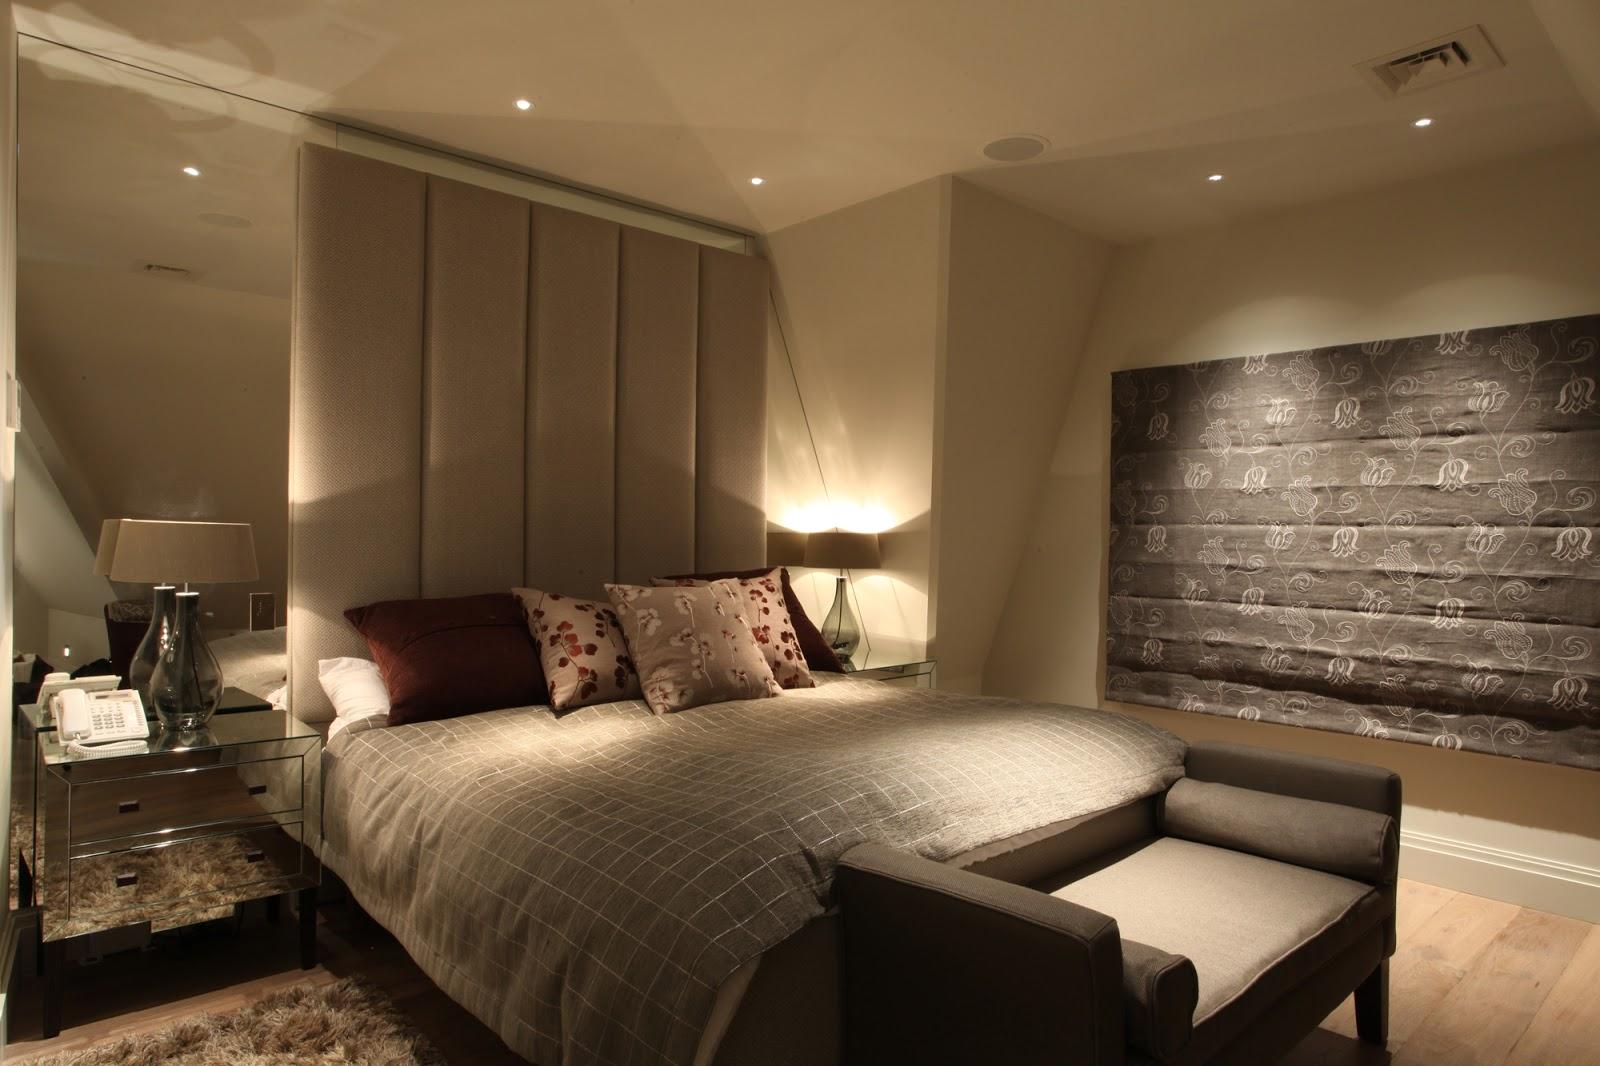 Foundation Dezin & Decor...: Classy Modern Master Bedroom ... on Master Bedroom Ideas  id=86025